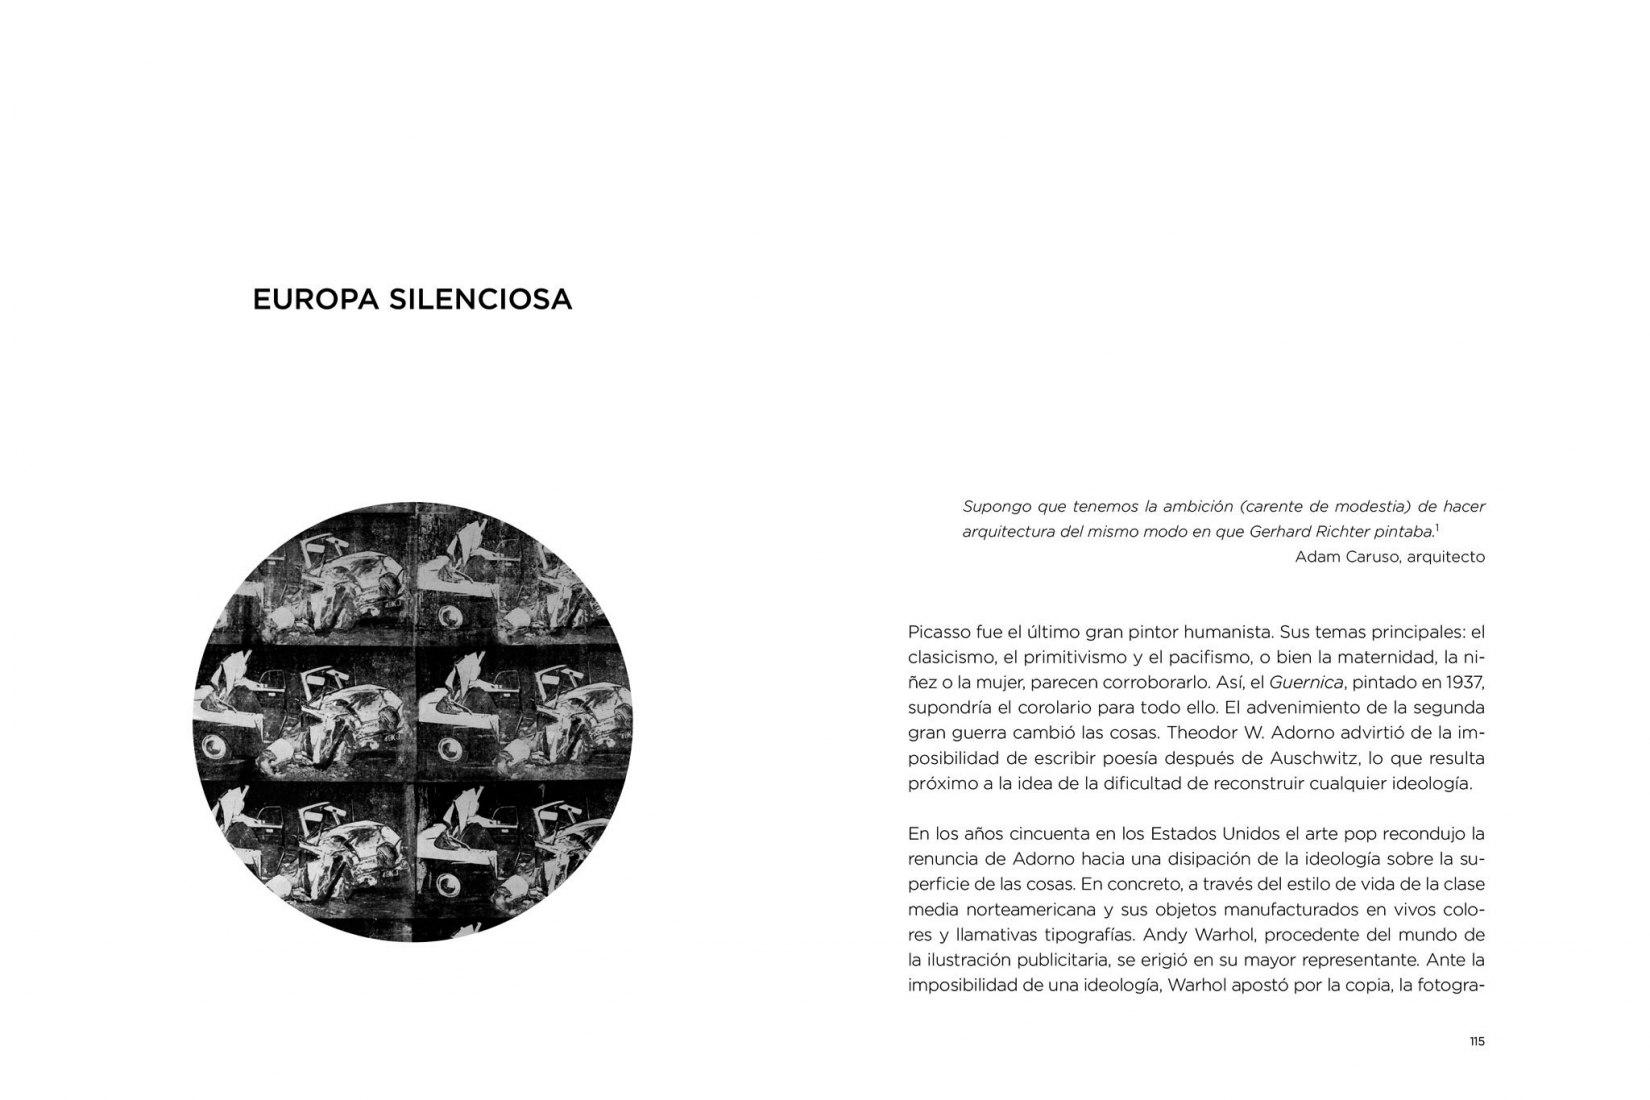 Páginas interiores. En el filo de la navaja por Enric Llorach. Imagen cortesía ediciones asimétricas.